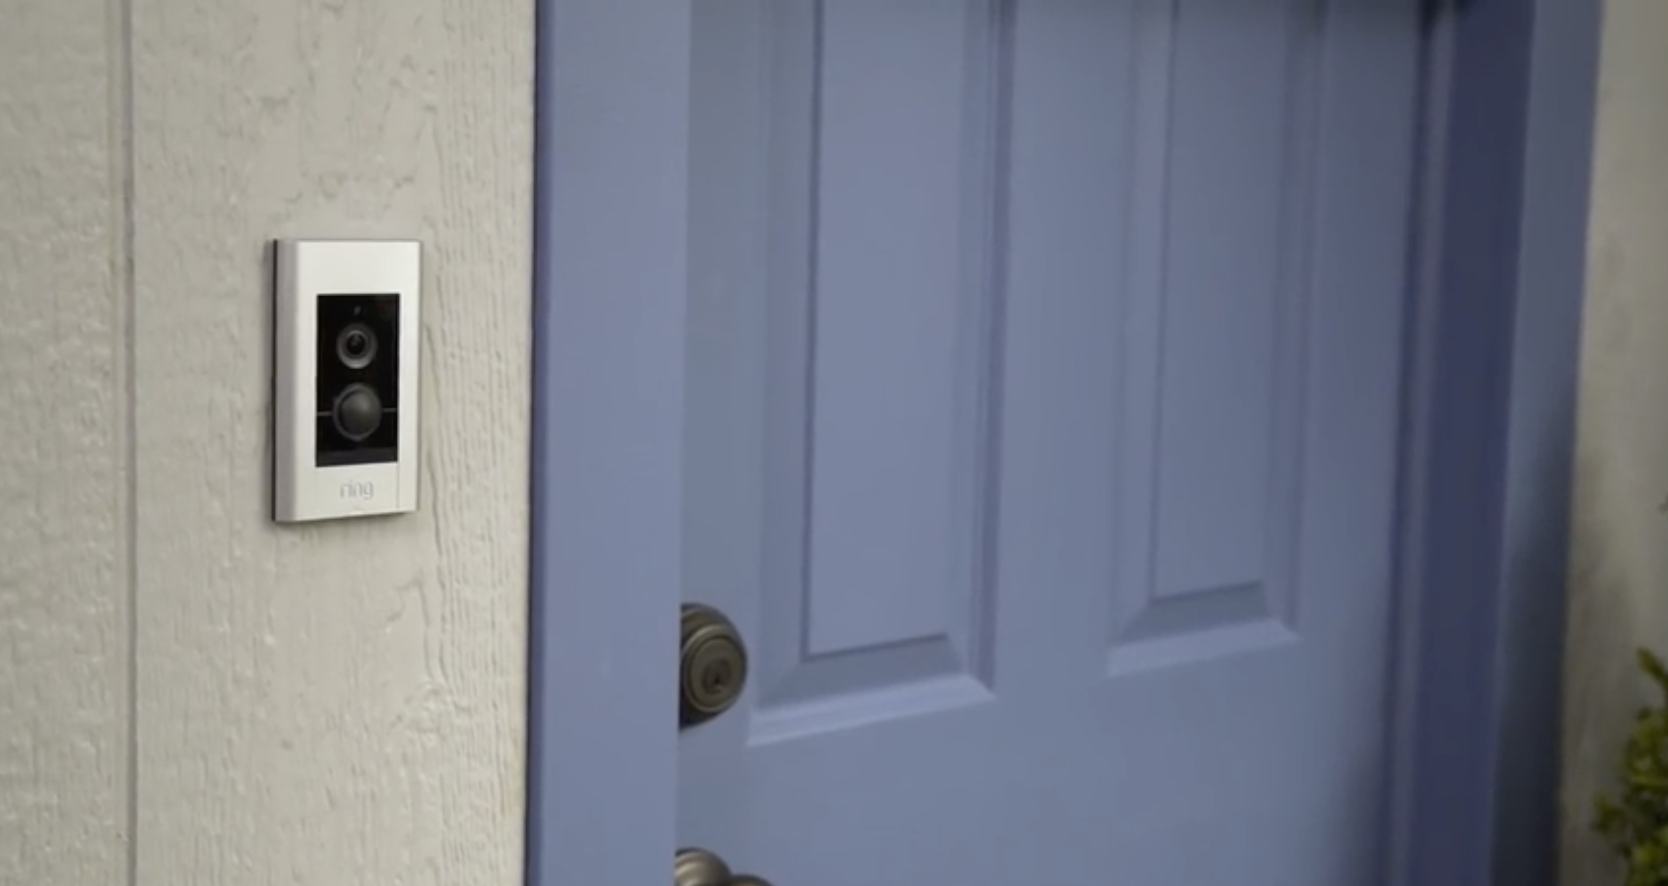 Installing Ring Video Doorbell Elite